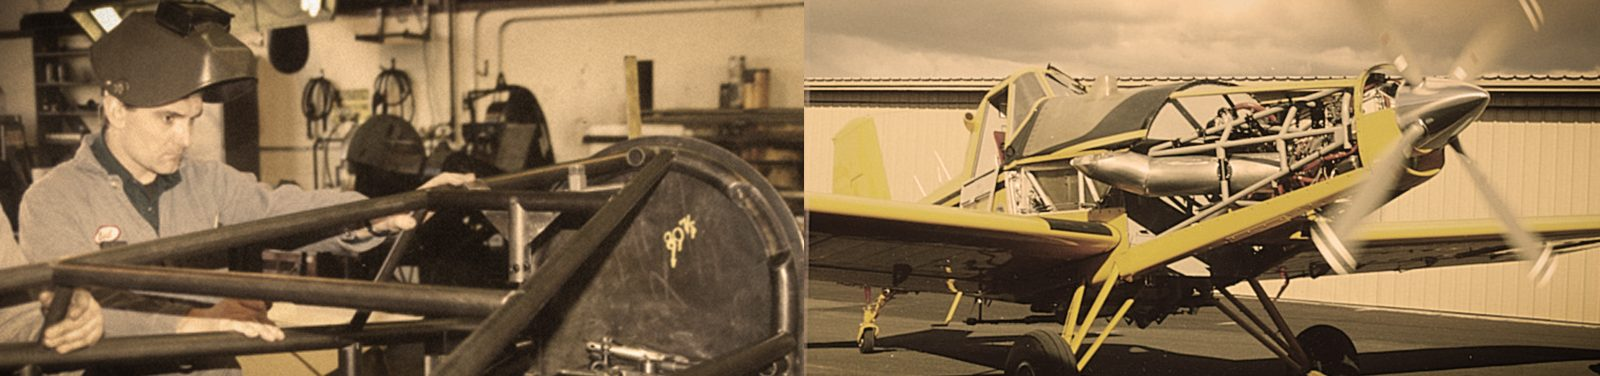 Kawak Aviation Company History